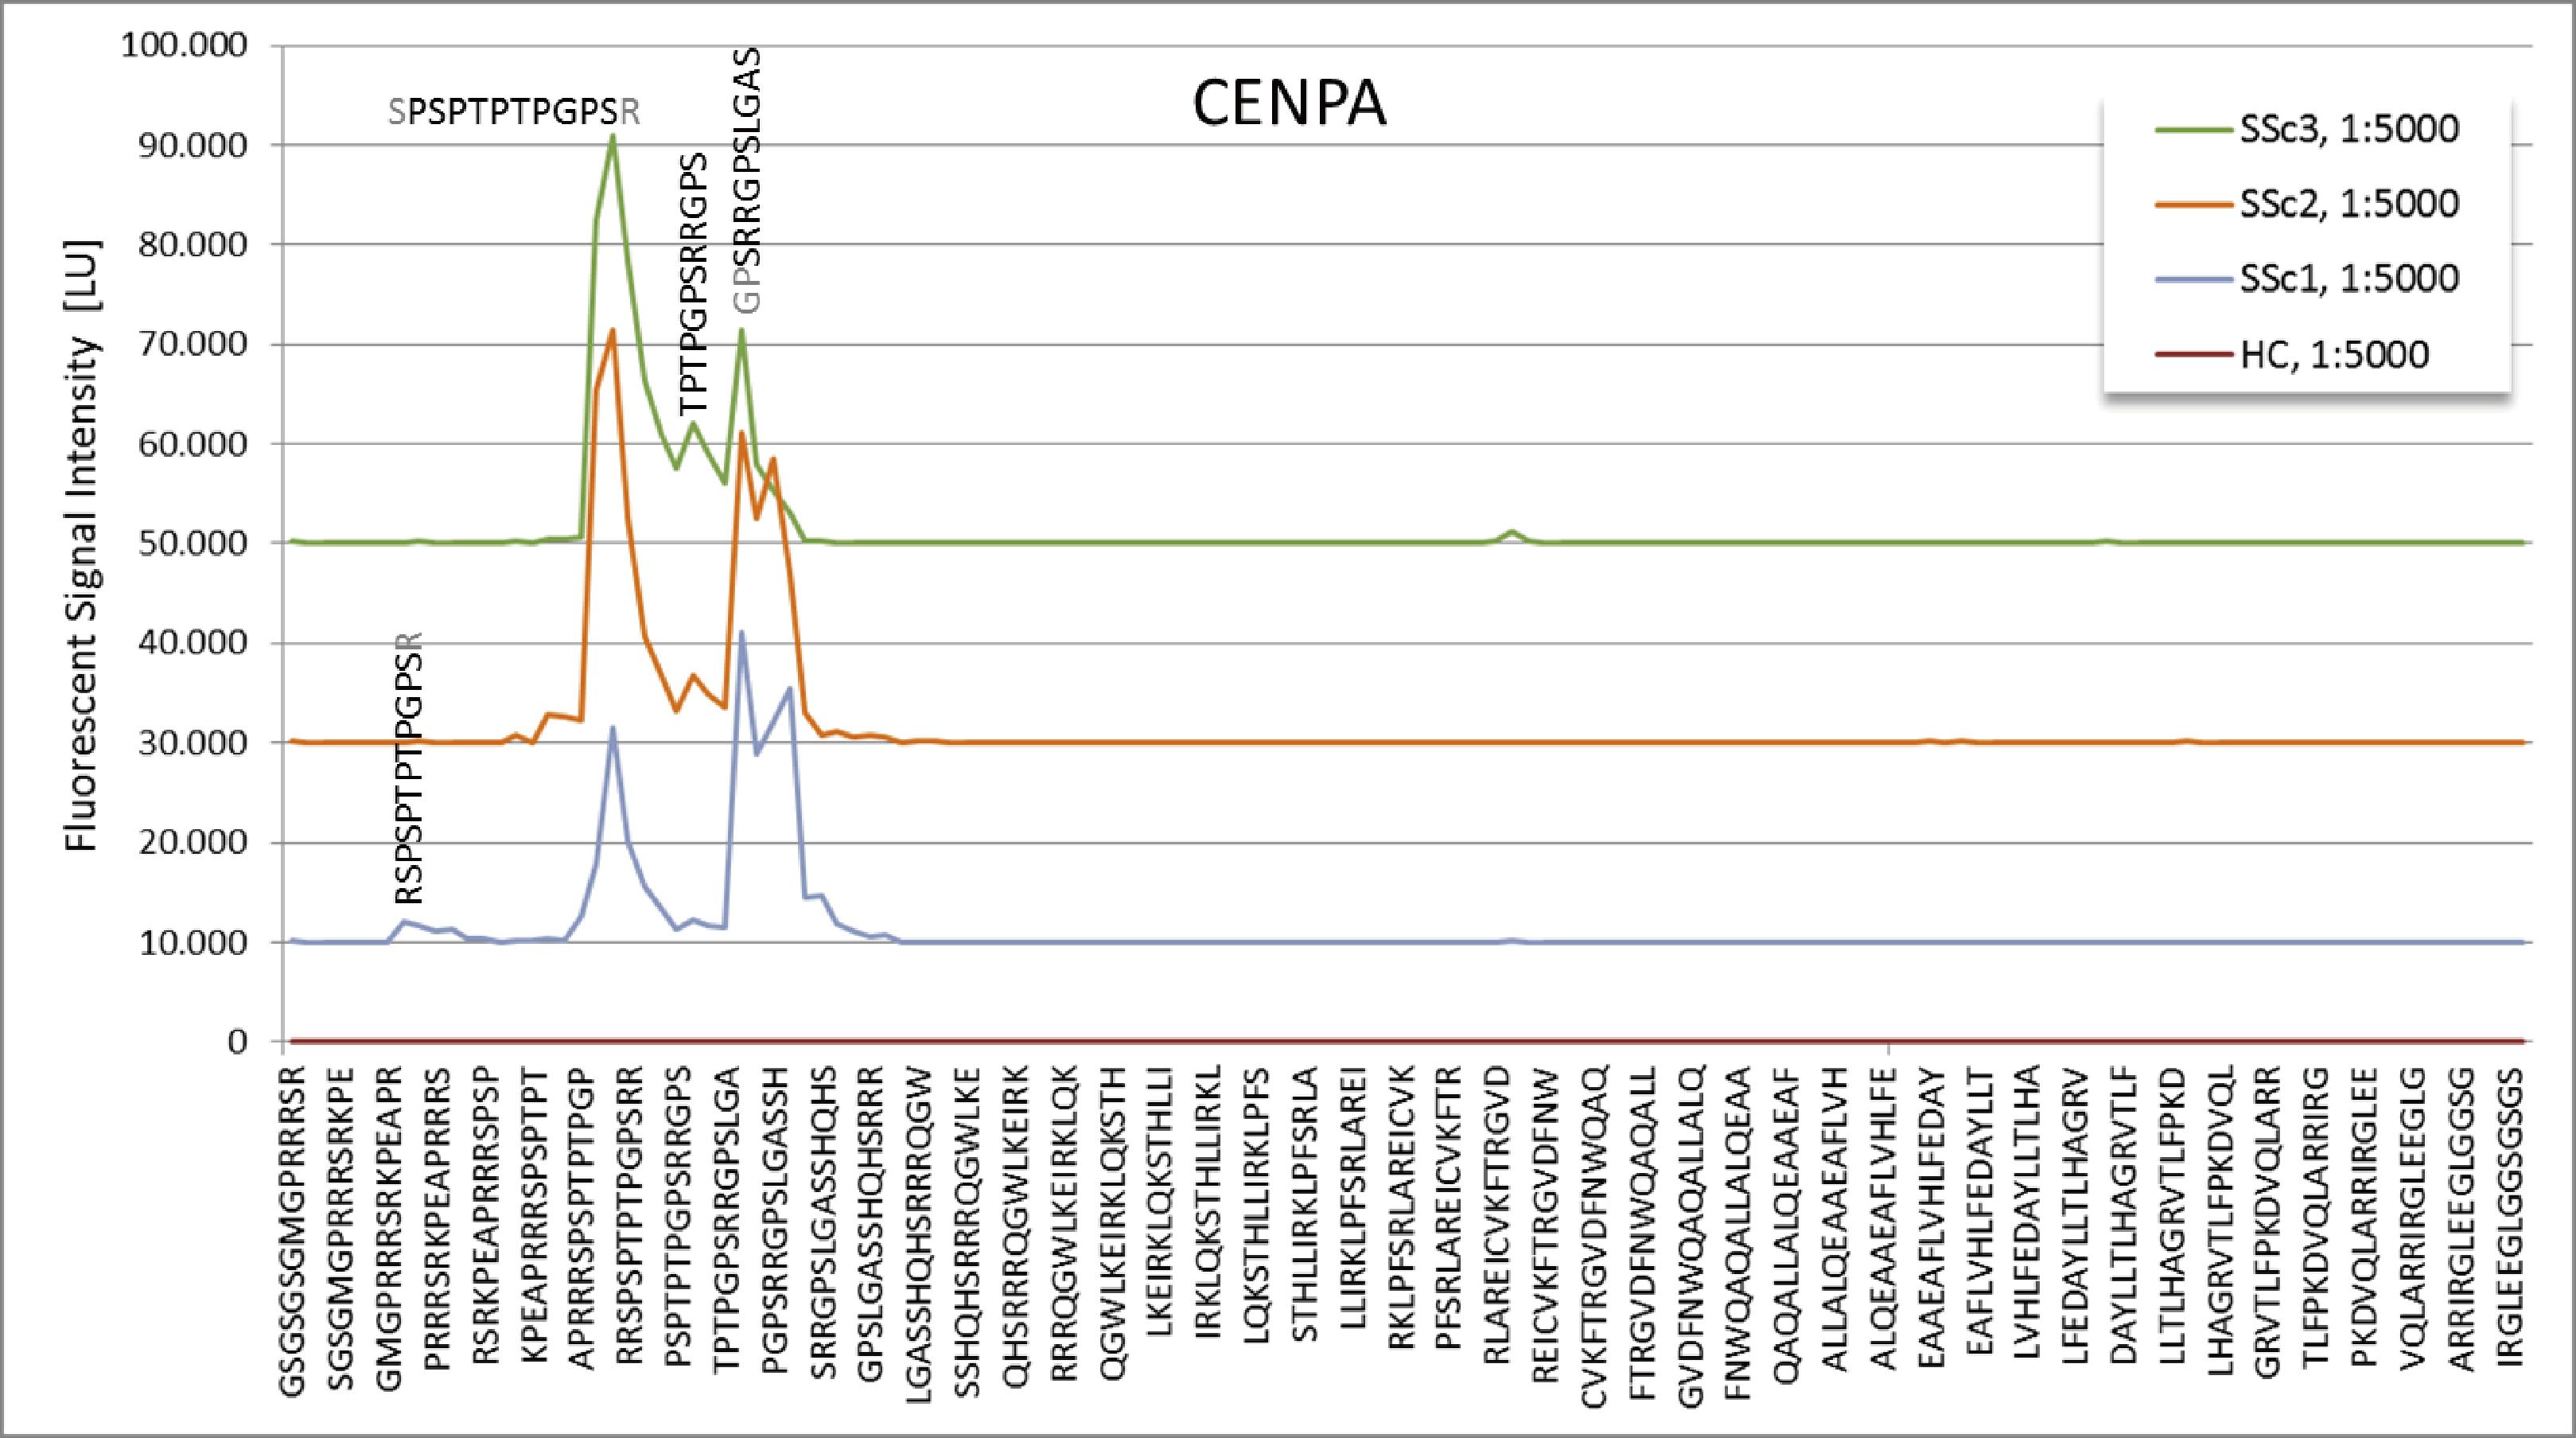 図2. CENPAペプチドの強度プロットの結果